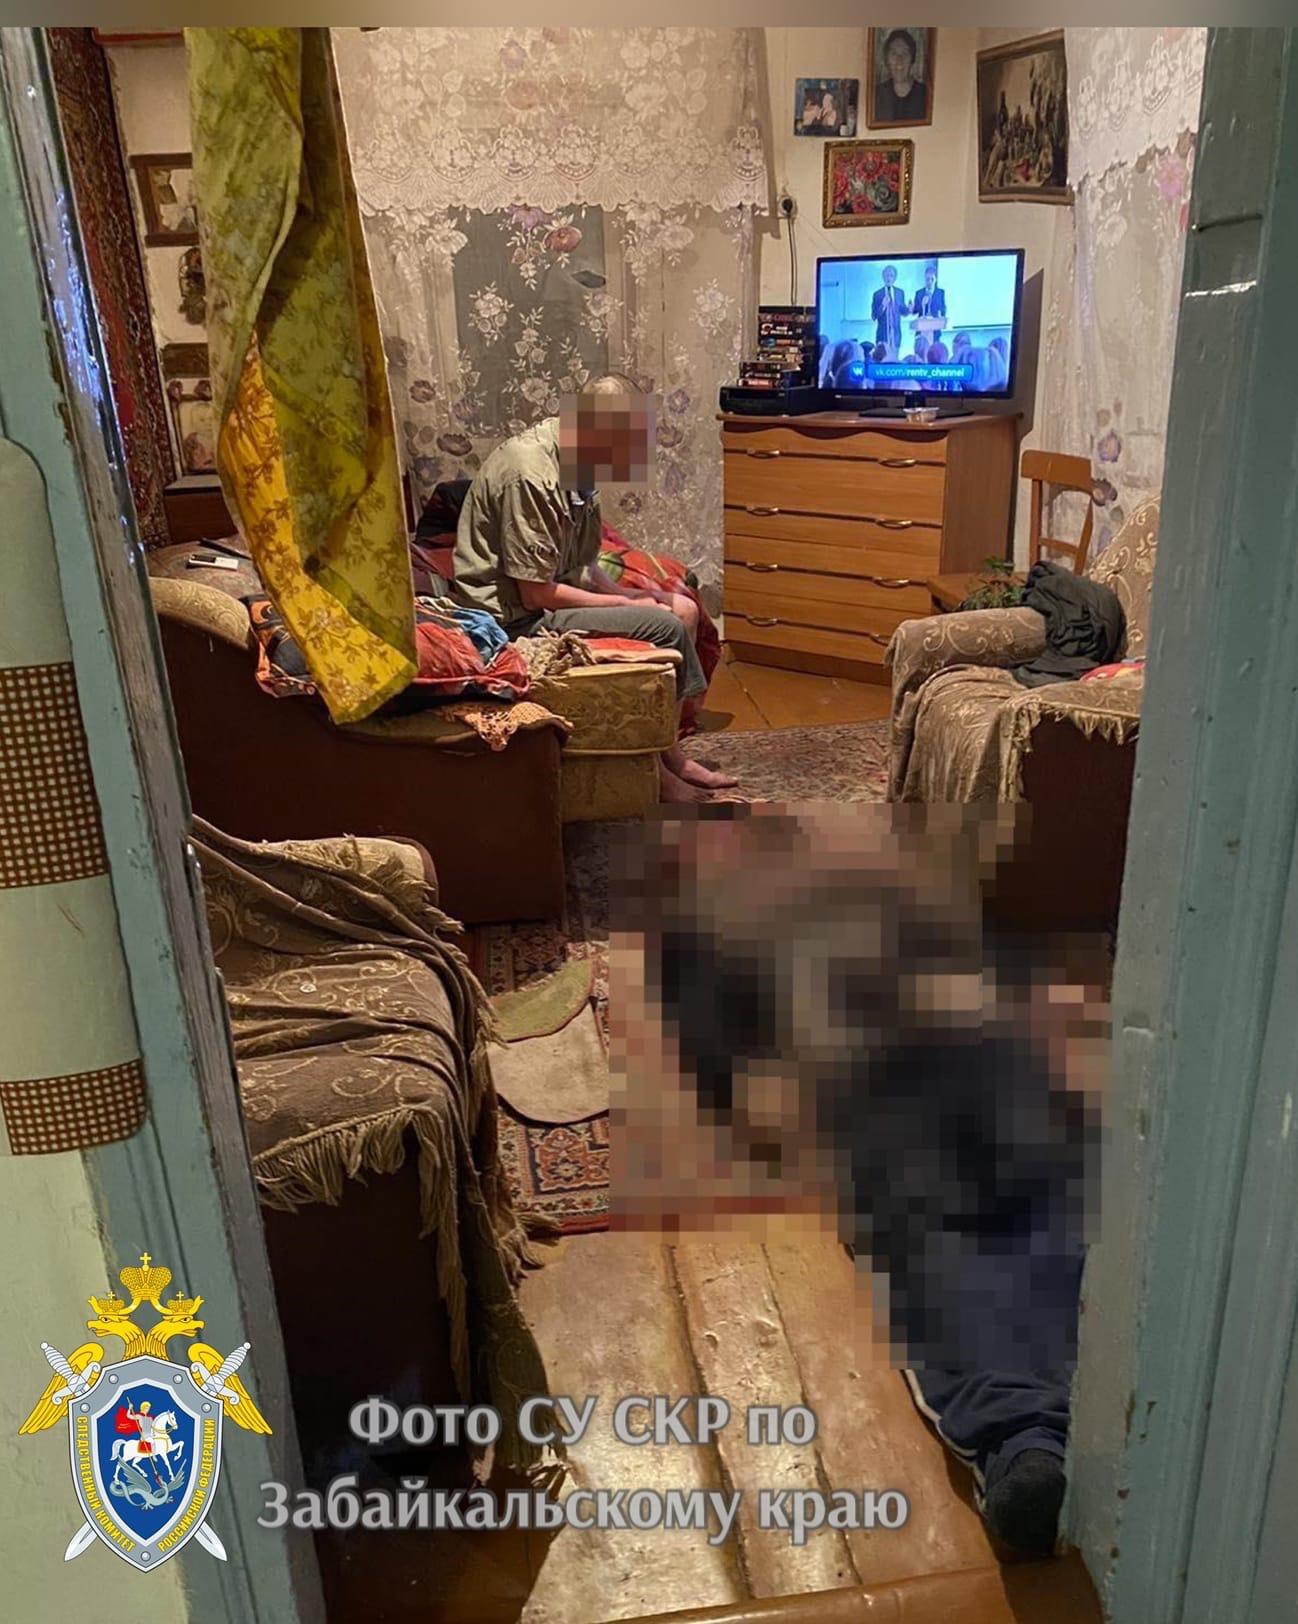 Жителя Кыры арестовали по подозрению в убийстве знакомого — он избил его во время пьянки